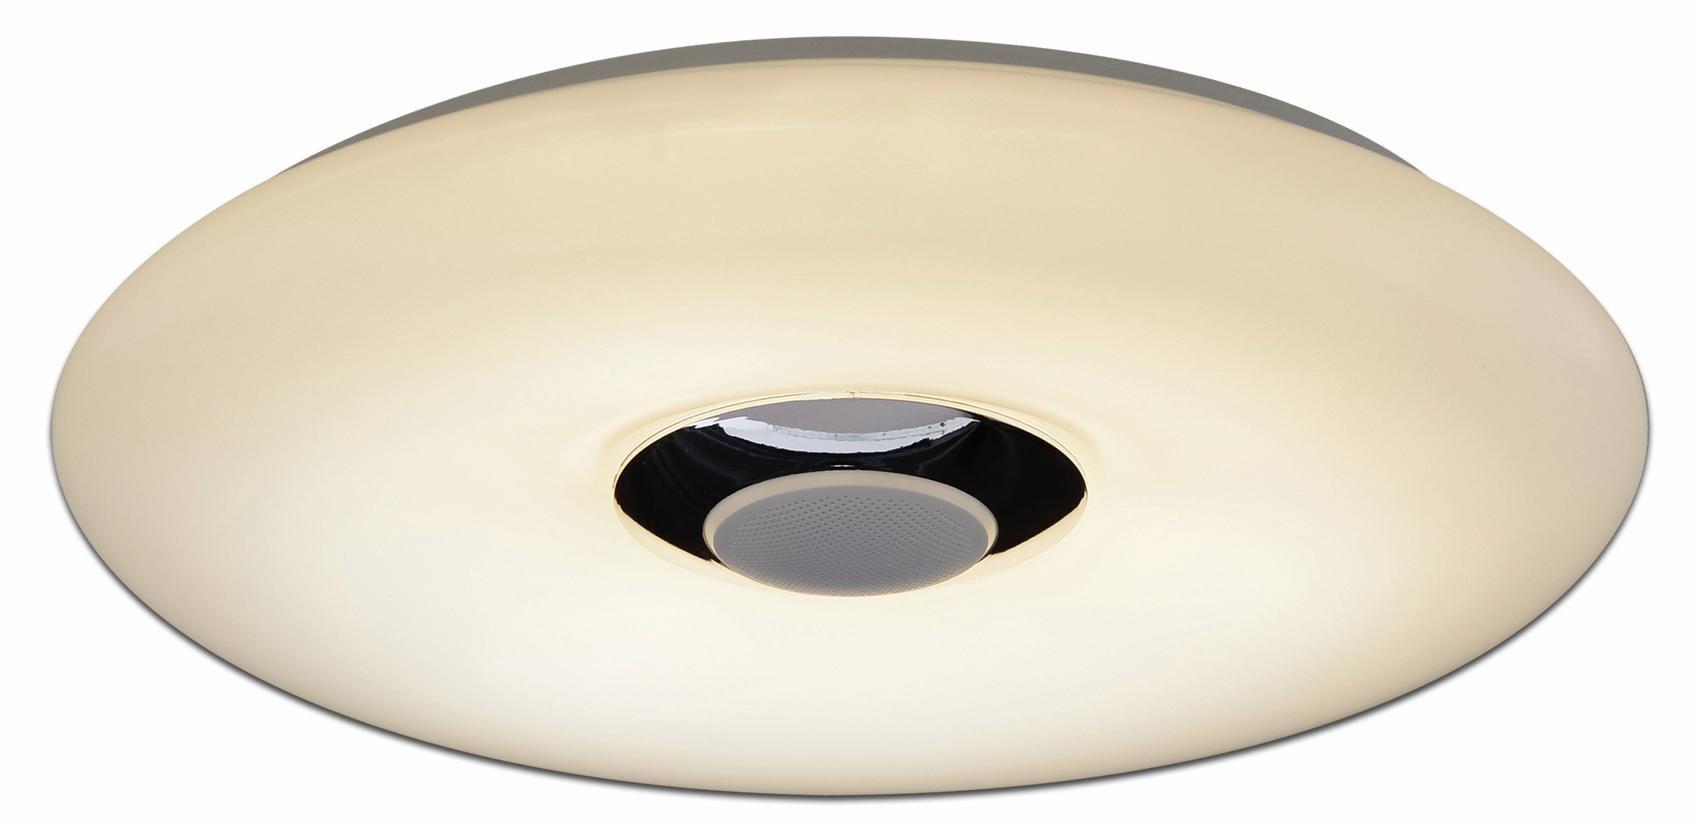 näve LED Deckenleuchte NASHVILLE, LED-Board, Kaltweiß-Warmweiß, mit RGB-Farbwechsler